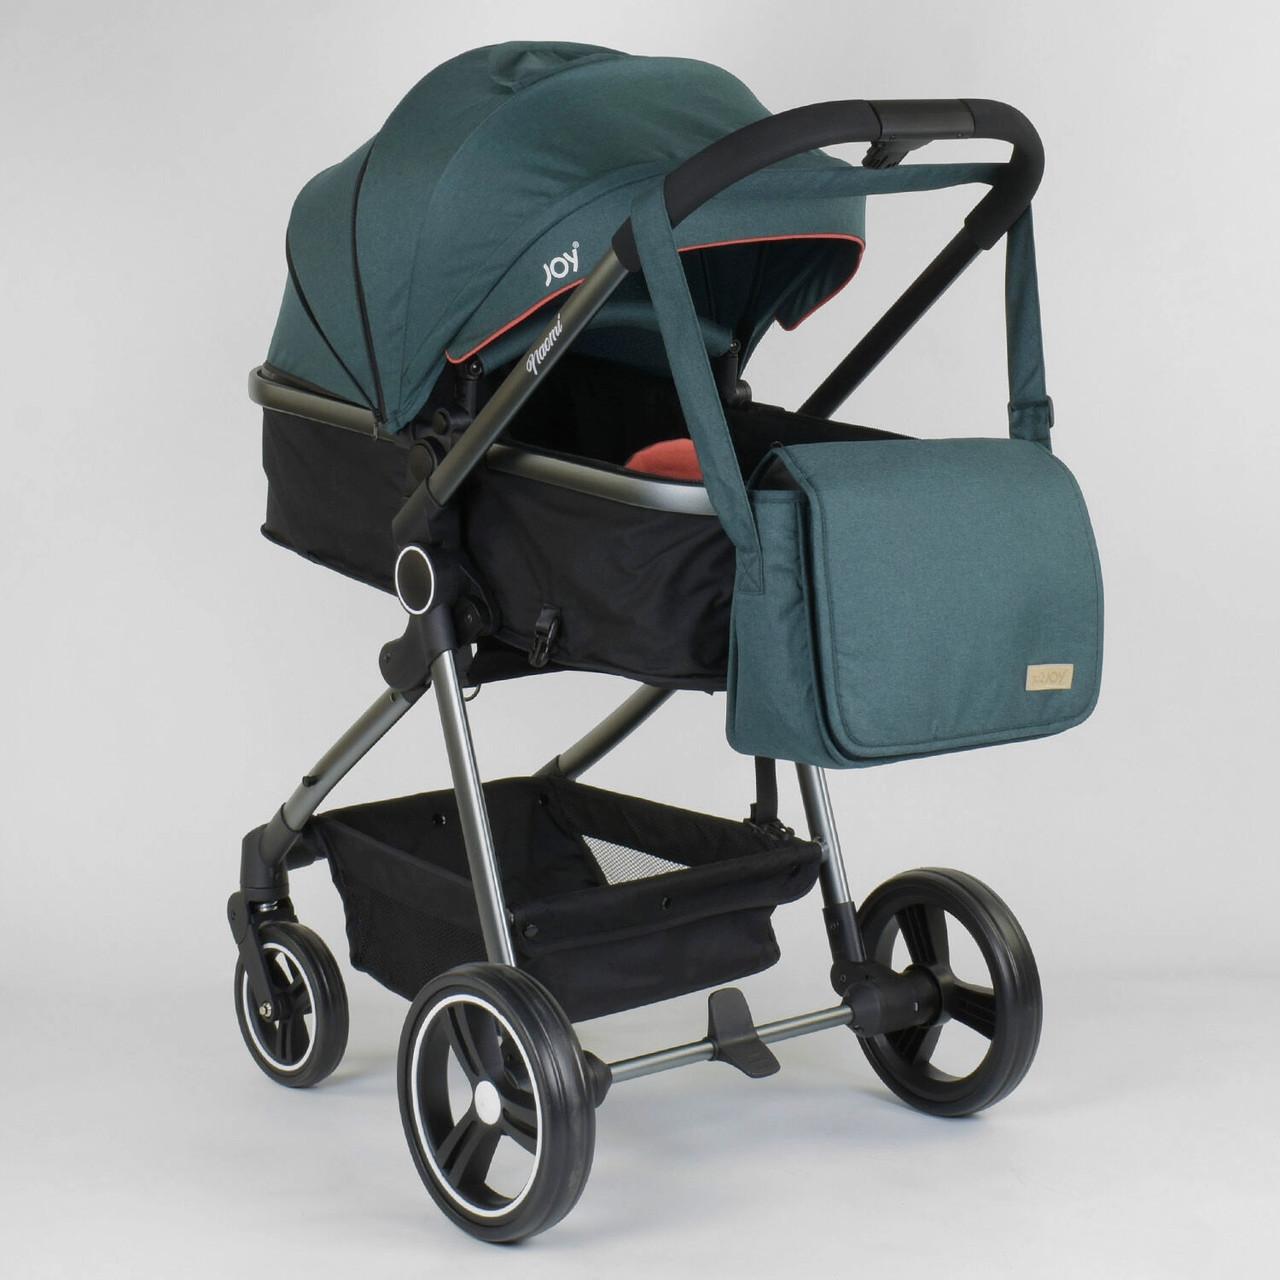 Детская универсальная коляска 2 в 1 JOY Naomi  Коляска 2в1 Темно-бирюзовый цвет, сумка, футкавер